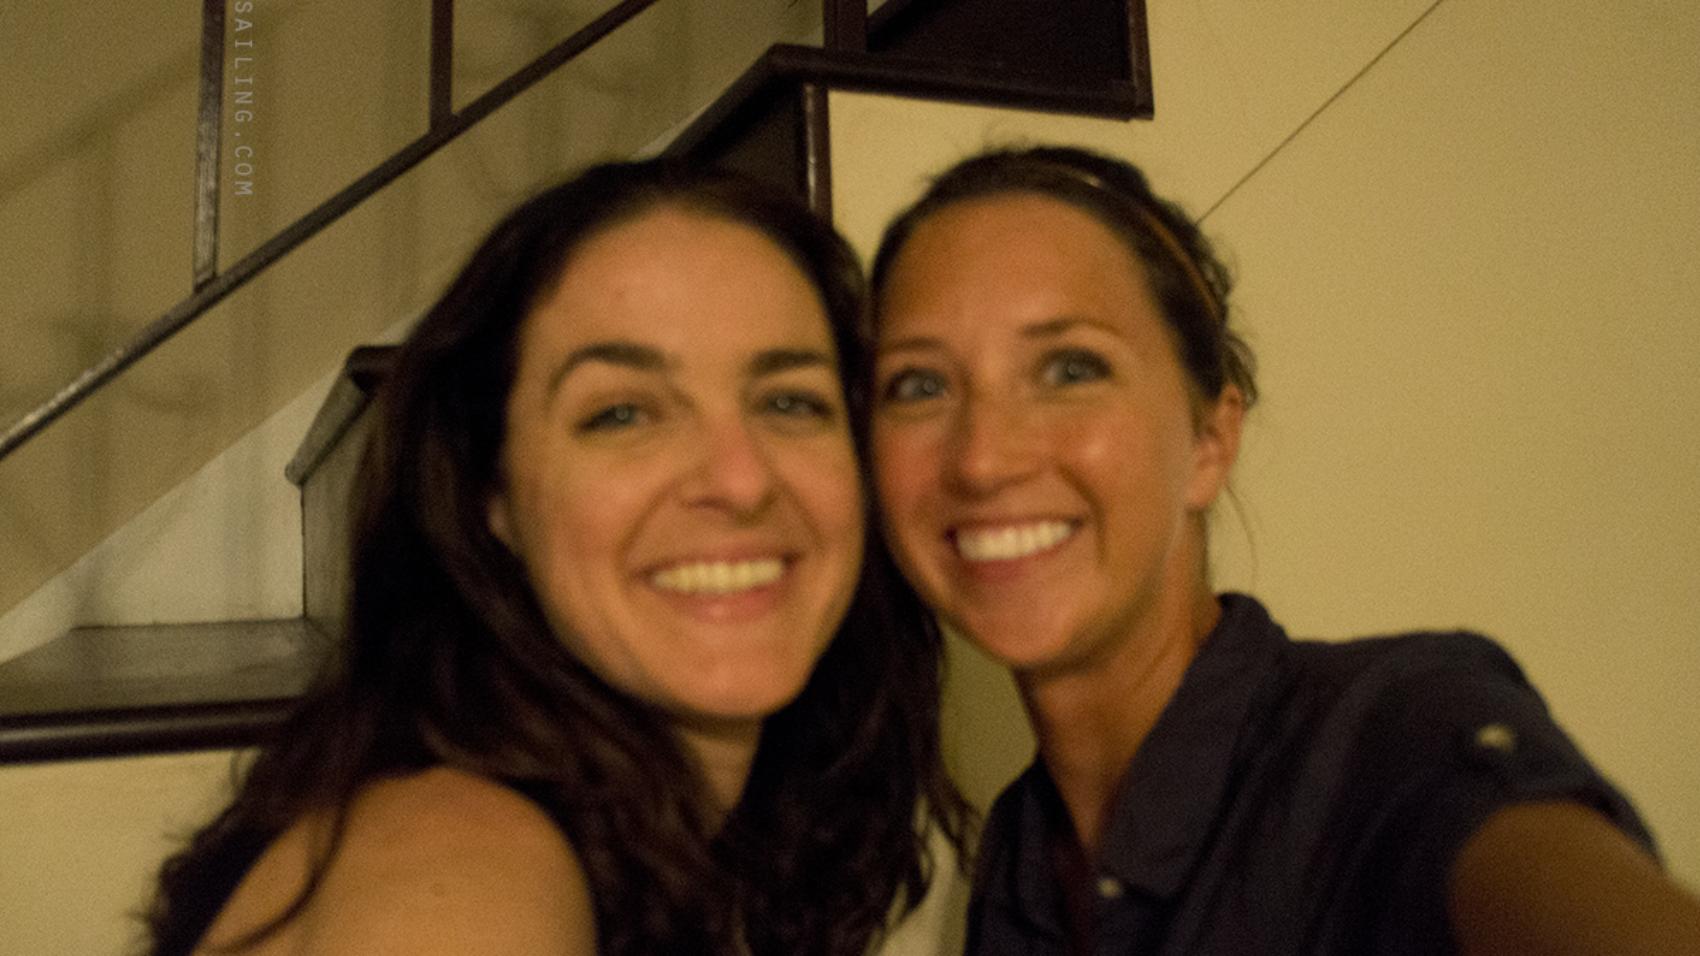 Jessica & Jessica